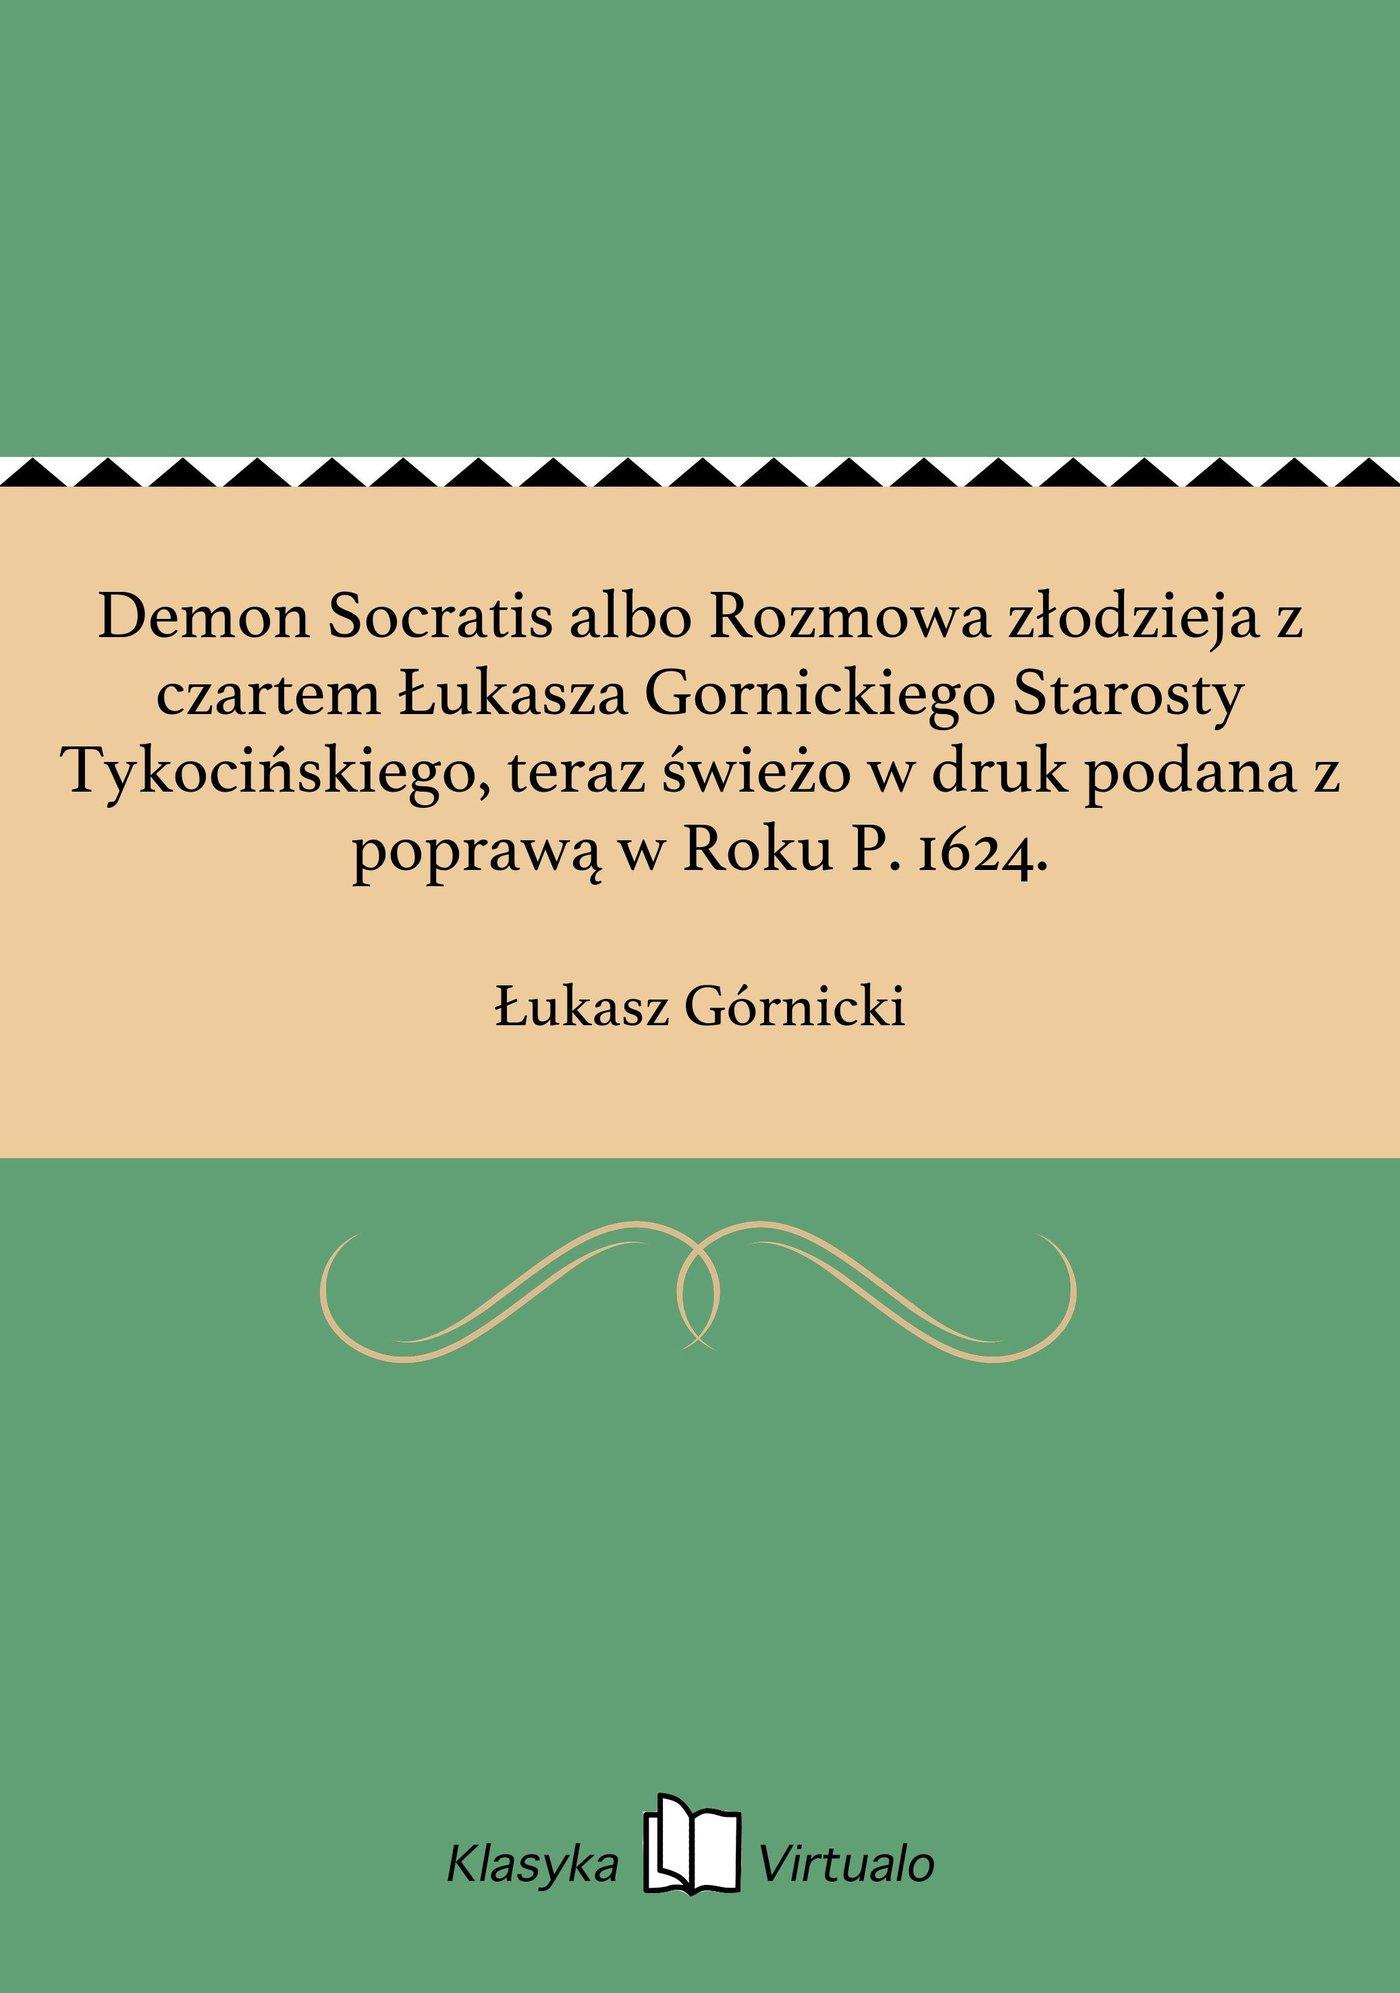 Demon Socratis albo Rozmowa złodzieja z czartem Łukasza Gornickiego Starosty Tykocińskiego, teraz świeżo w druk podana z poprawą w Roku P. 1624. - Ebook (Książka EPUB) do pobrania w formacie EPUB